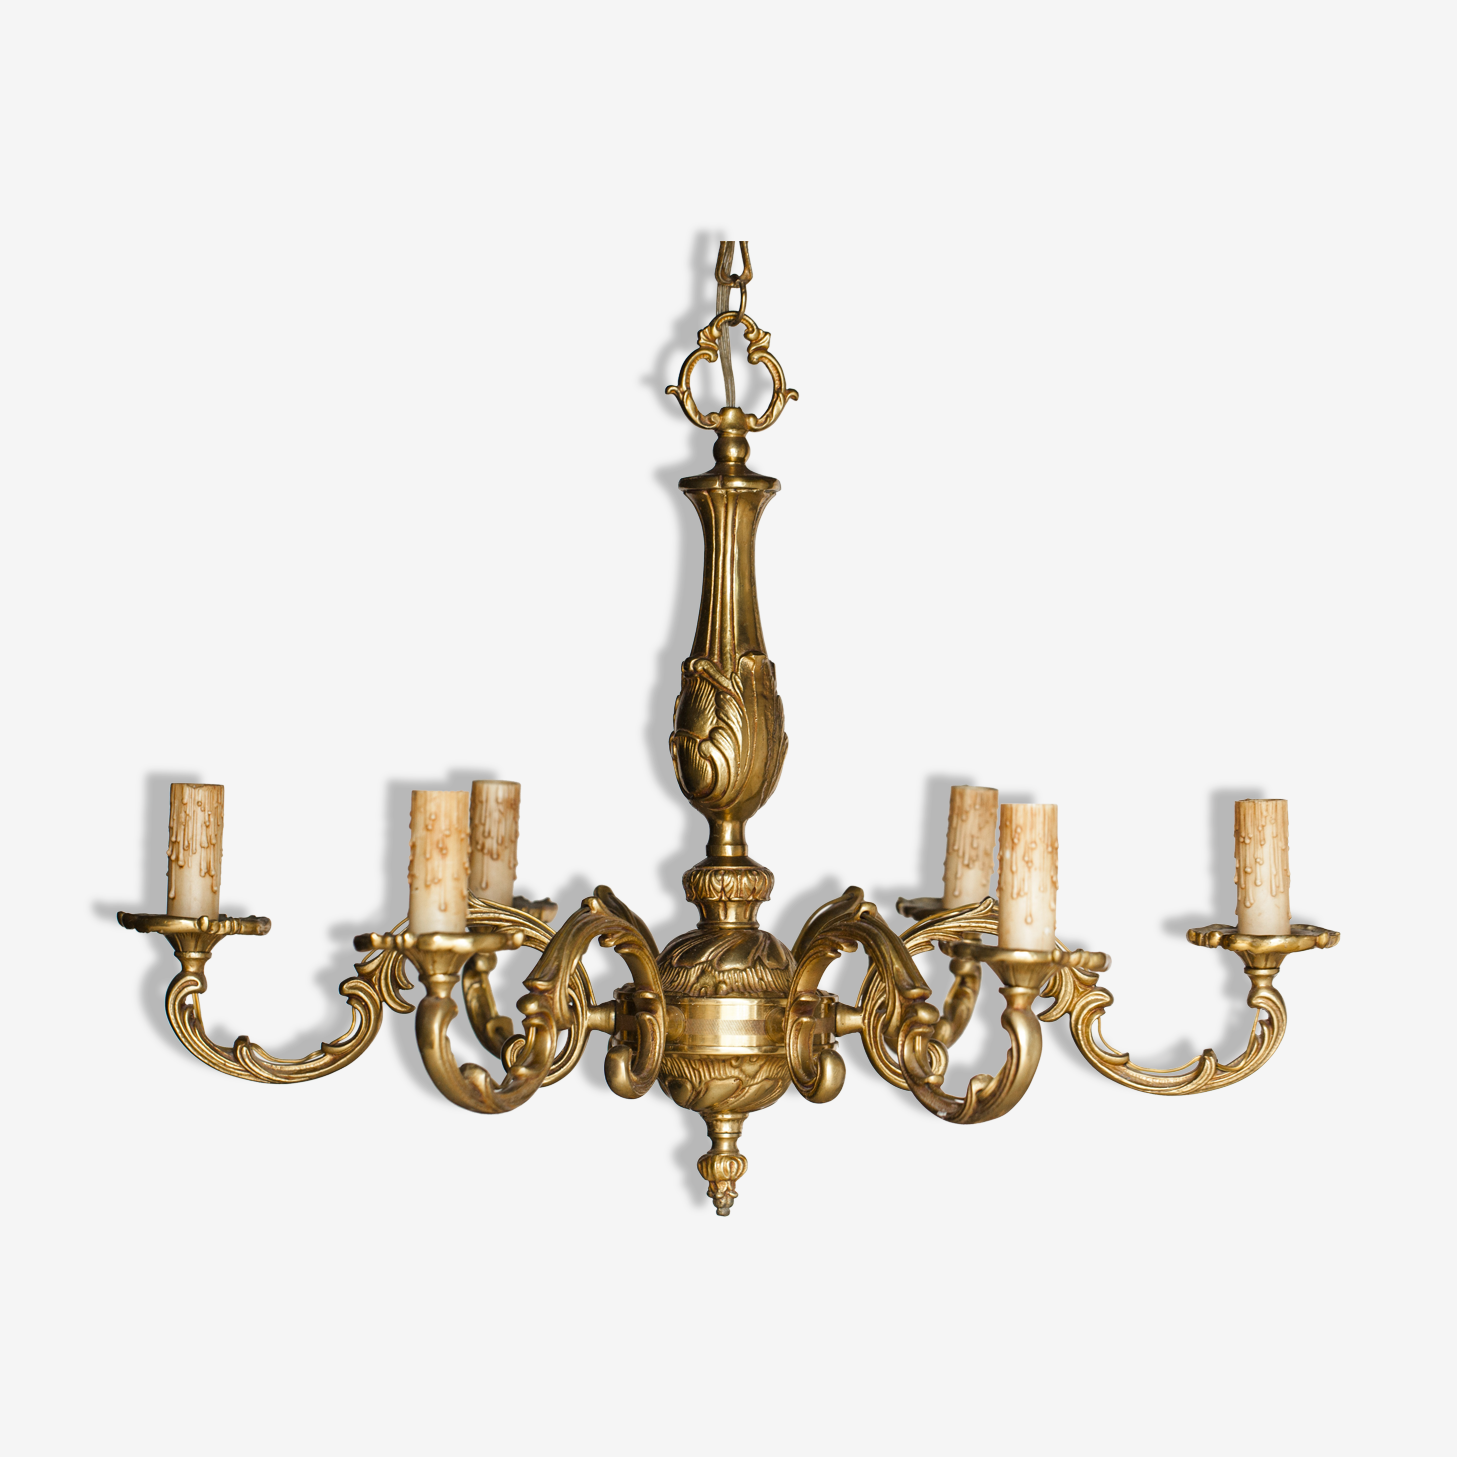 Lustre en Bronze à 6 bras de lumière